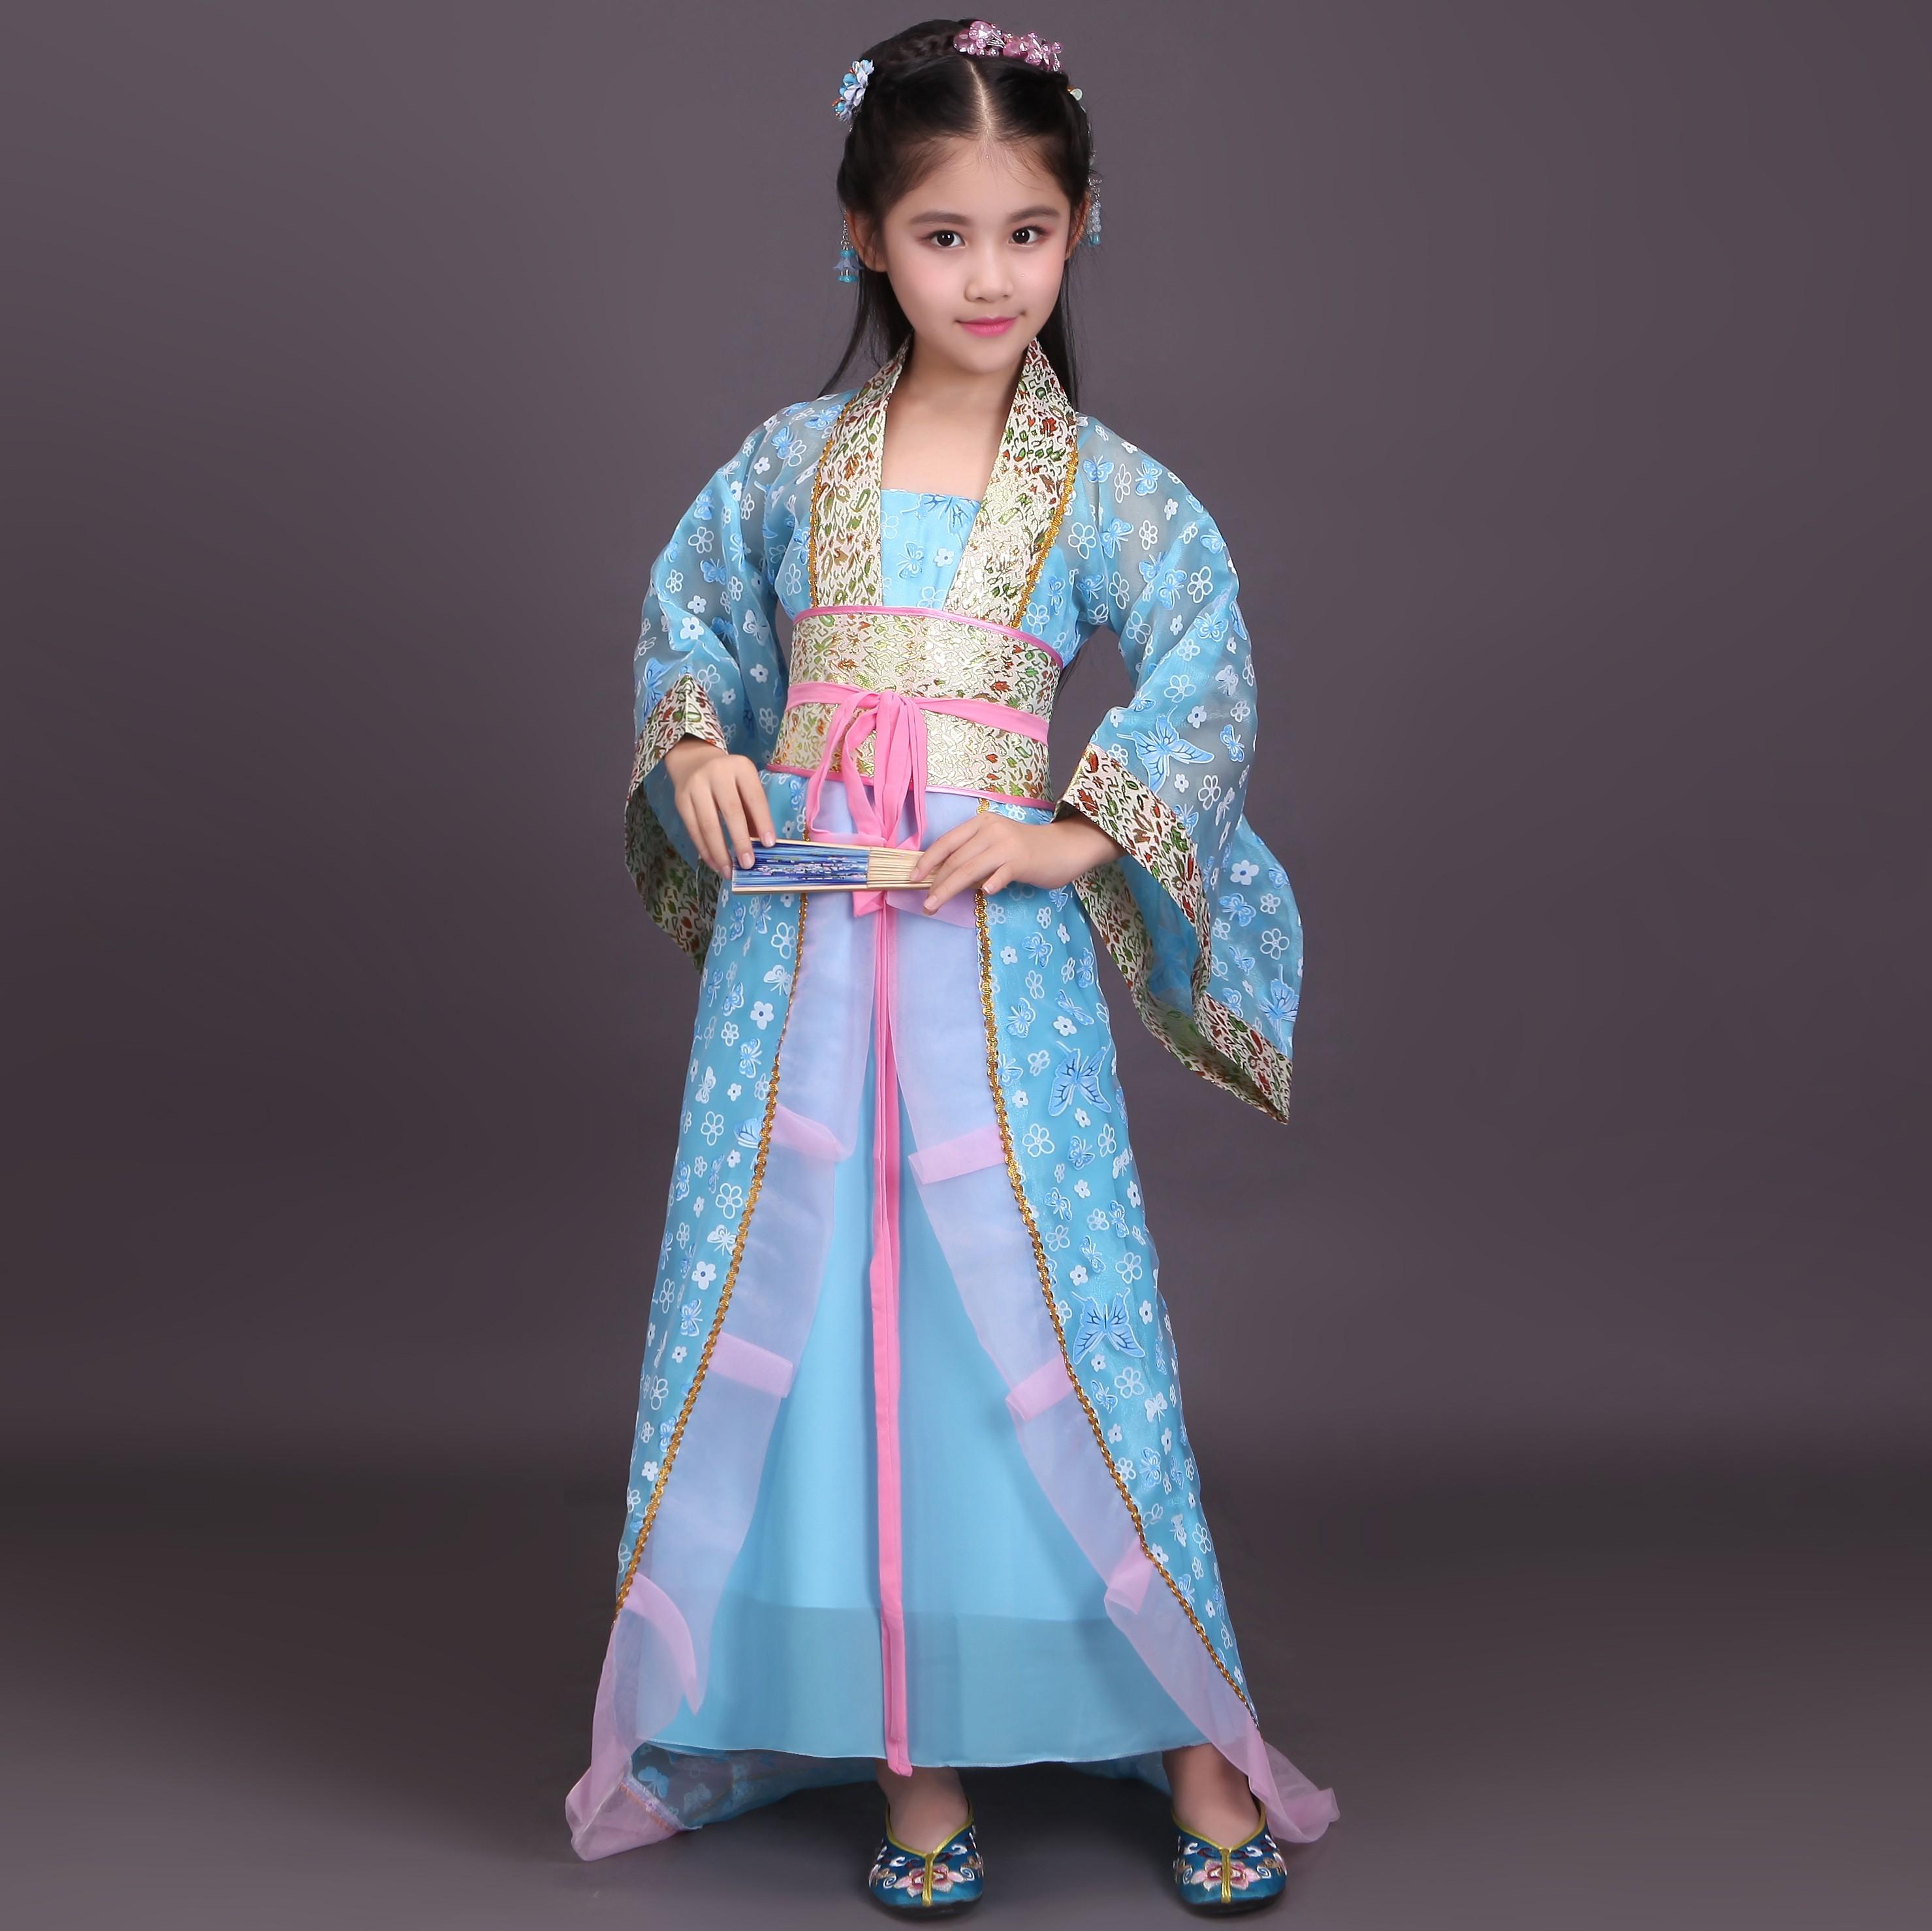 儿童古装古风秋季唐装襦裙汉服cos公主仙女贵妃 古筝表演出服 粉红色